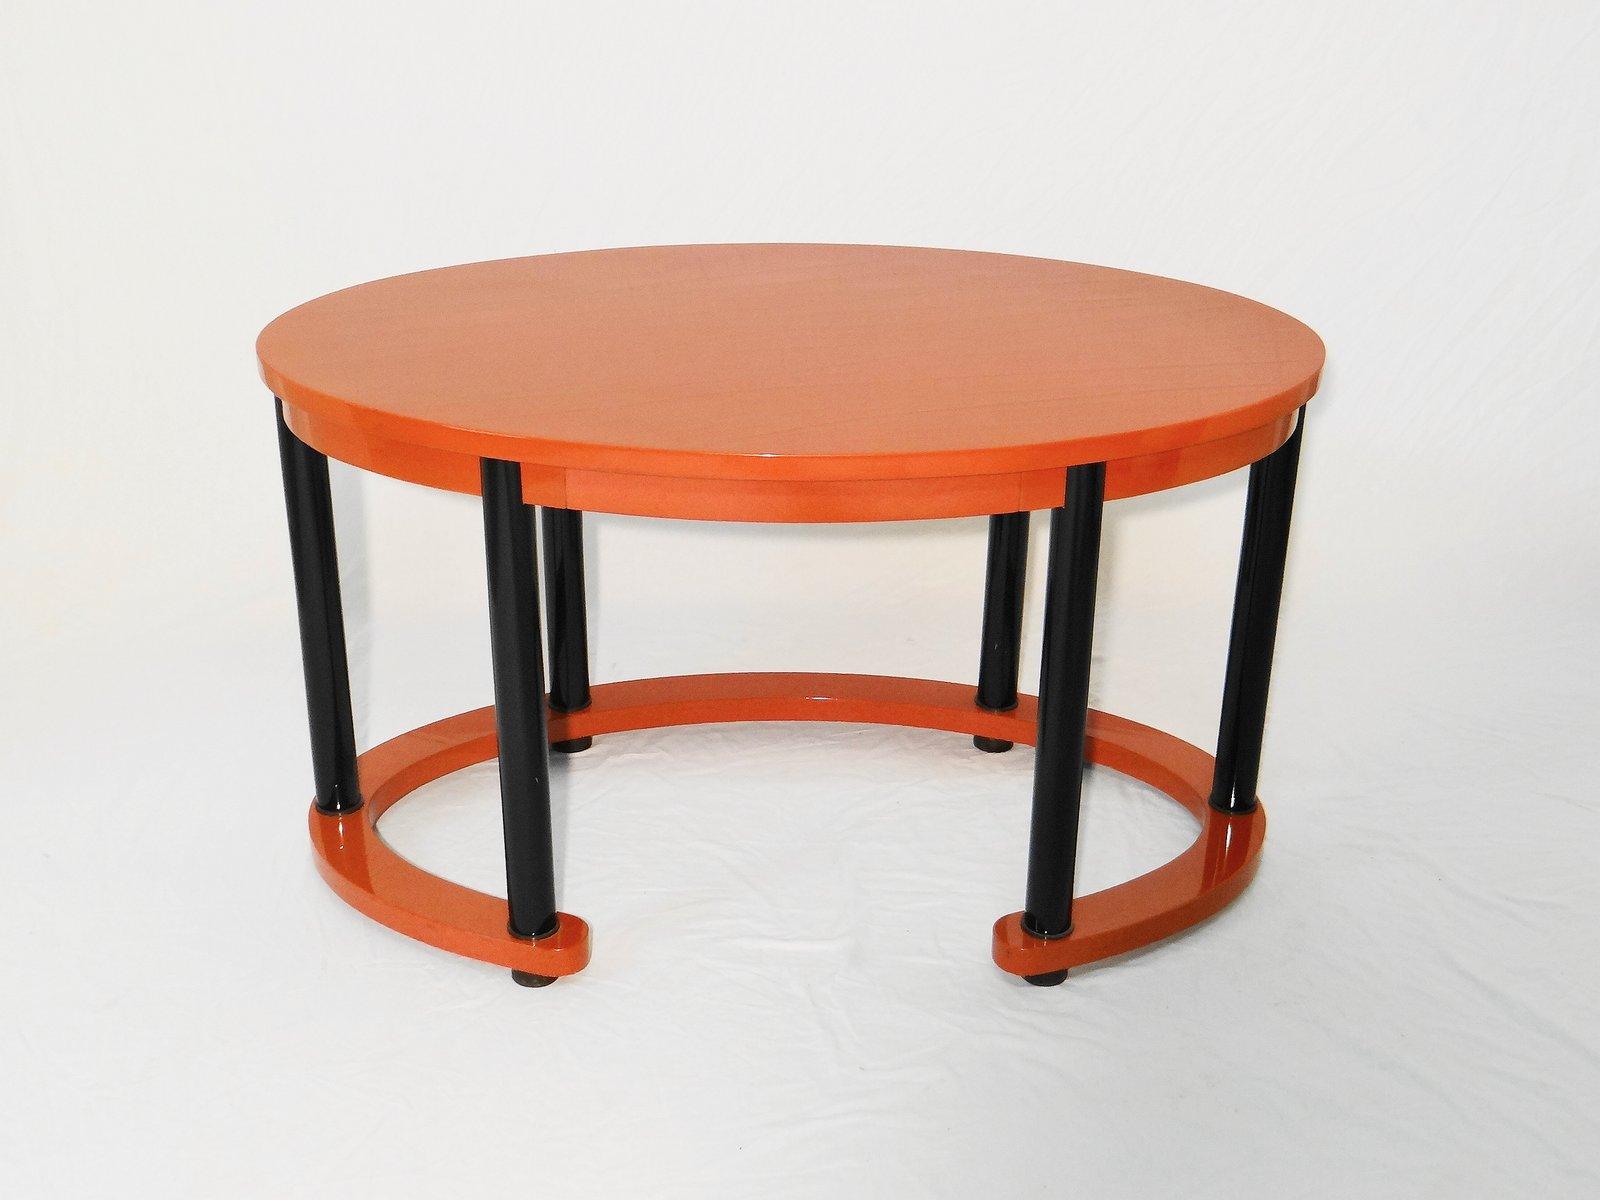 italienischer rot lackierter vintage schreibtisch bei. Black Bedroom Furniture Sets. Home Design Ideas